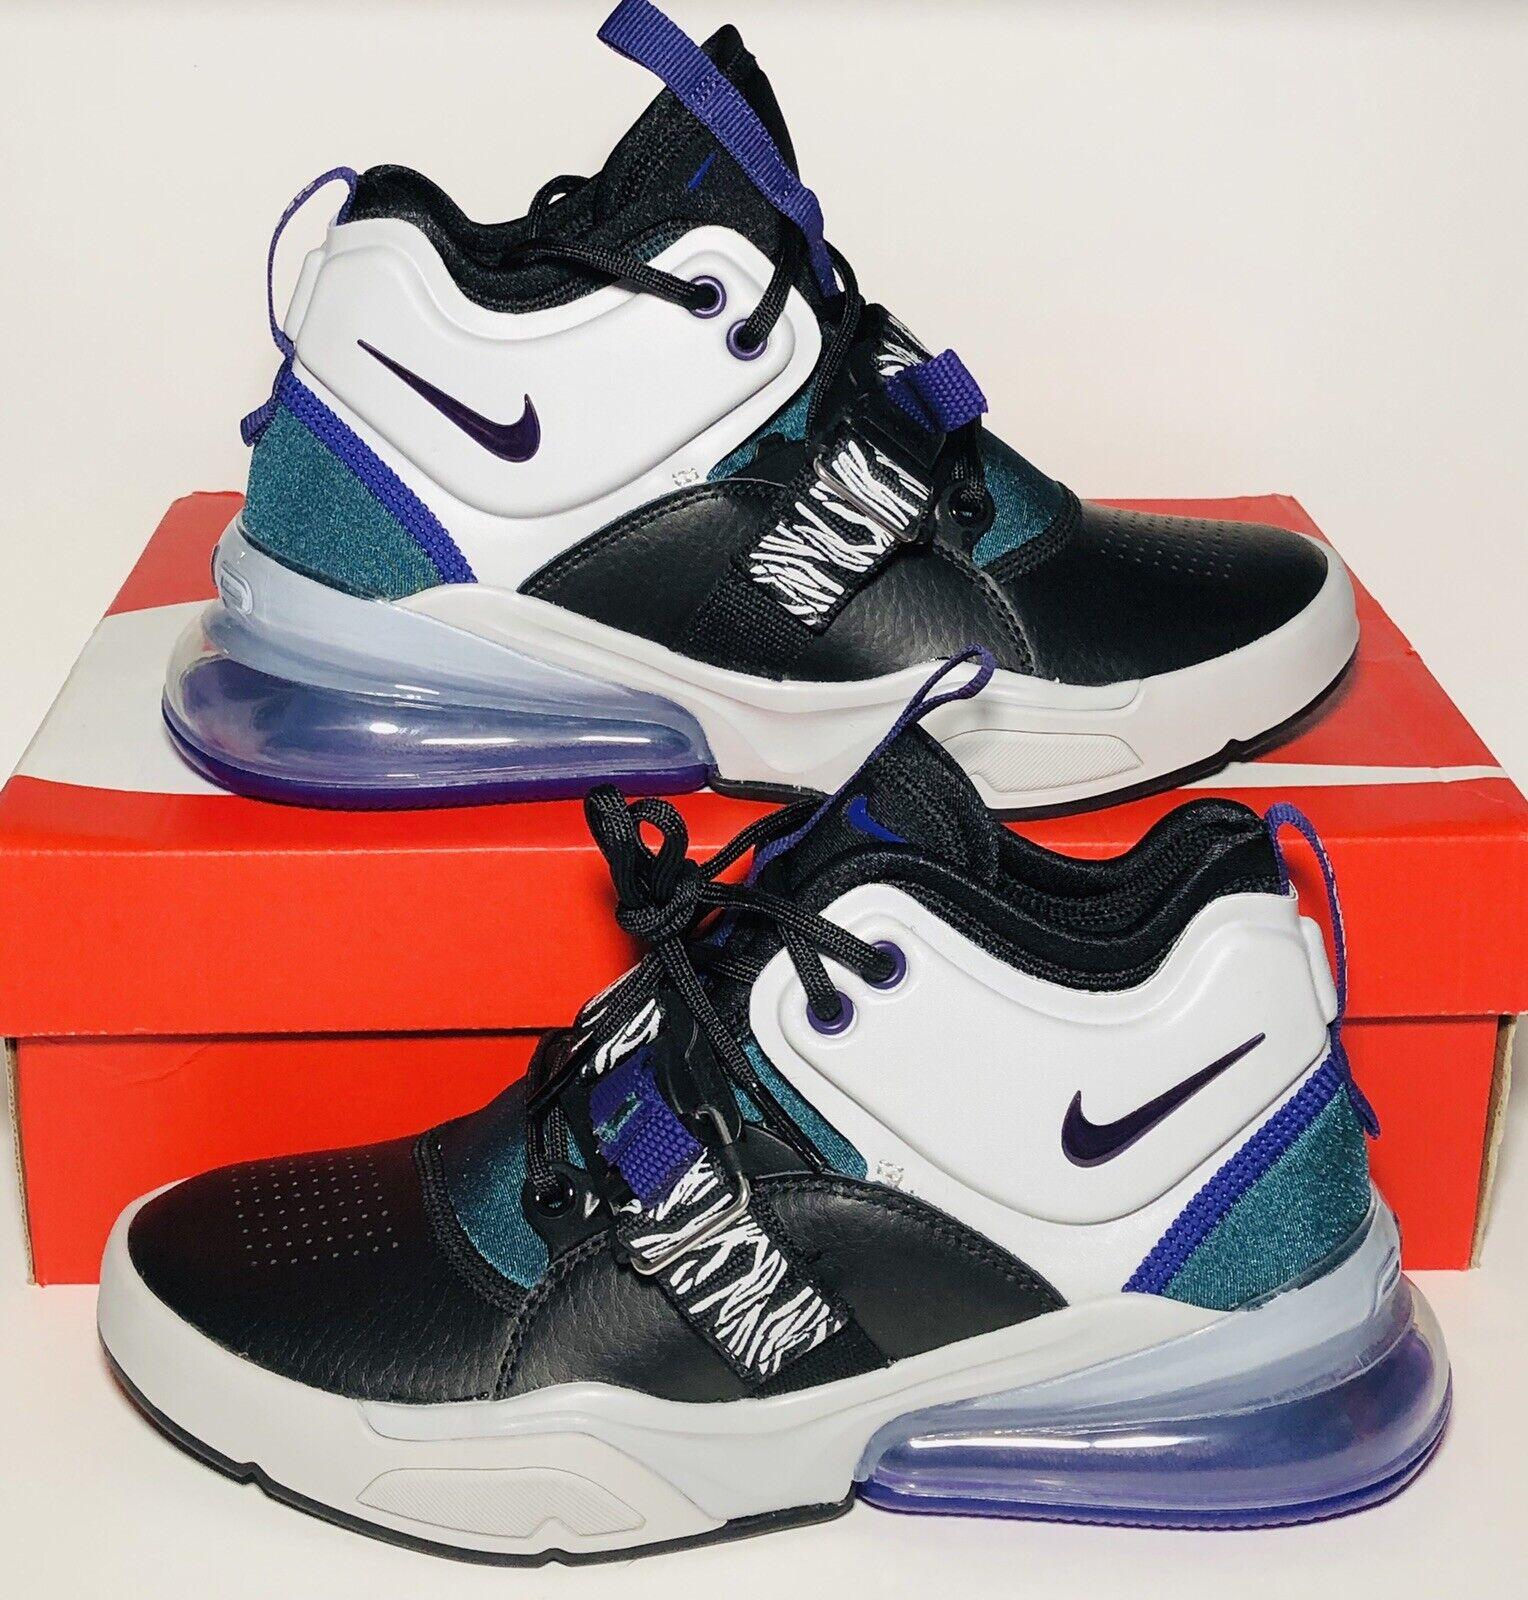 New Nike  Air Force 270 Carnivore nero Court viola Zebra Max GS 6.5Y Donne 65533;s 8  risparmia il 35% - 70% di sconto